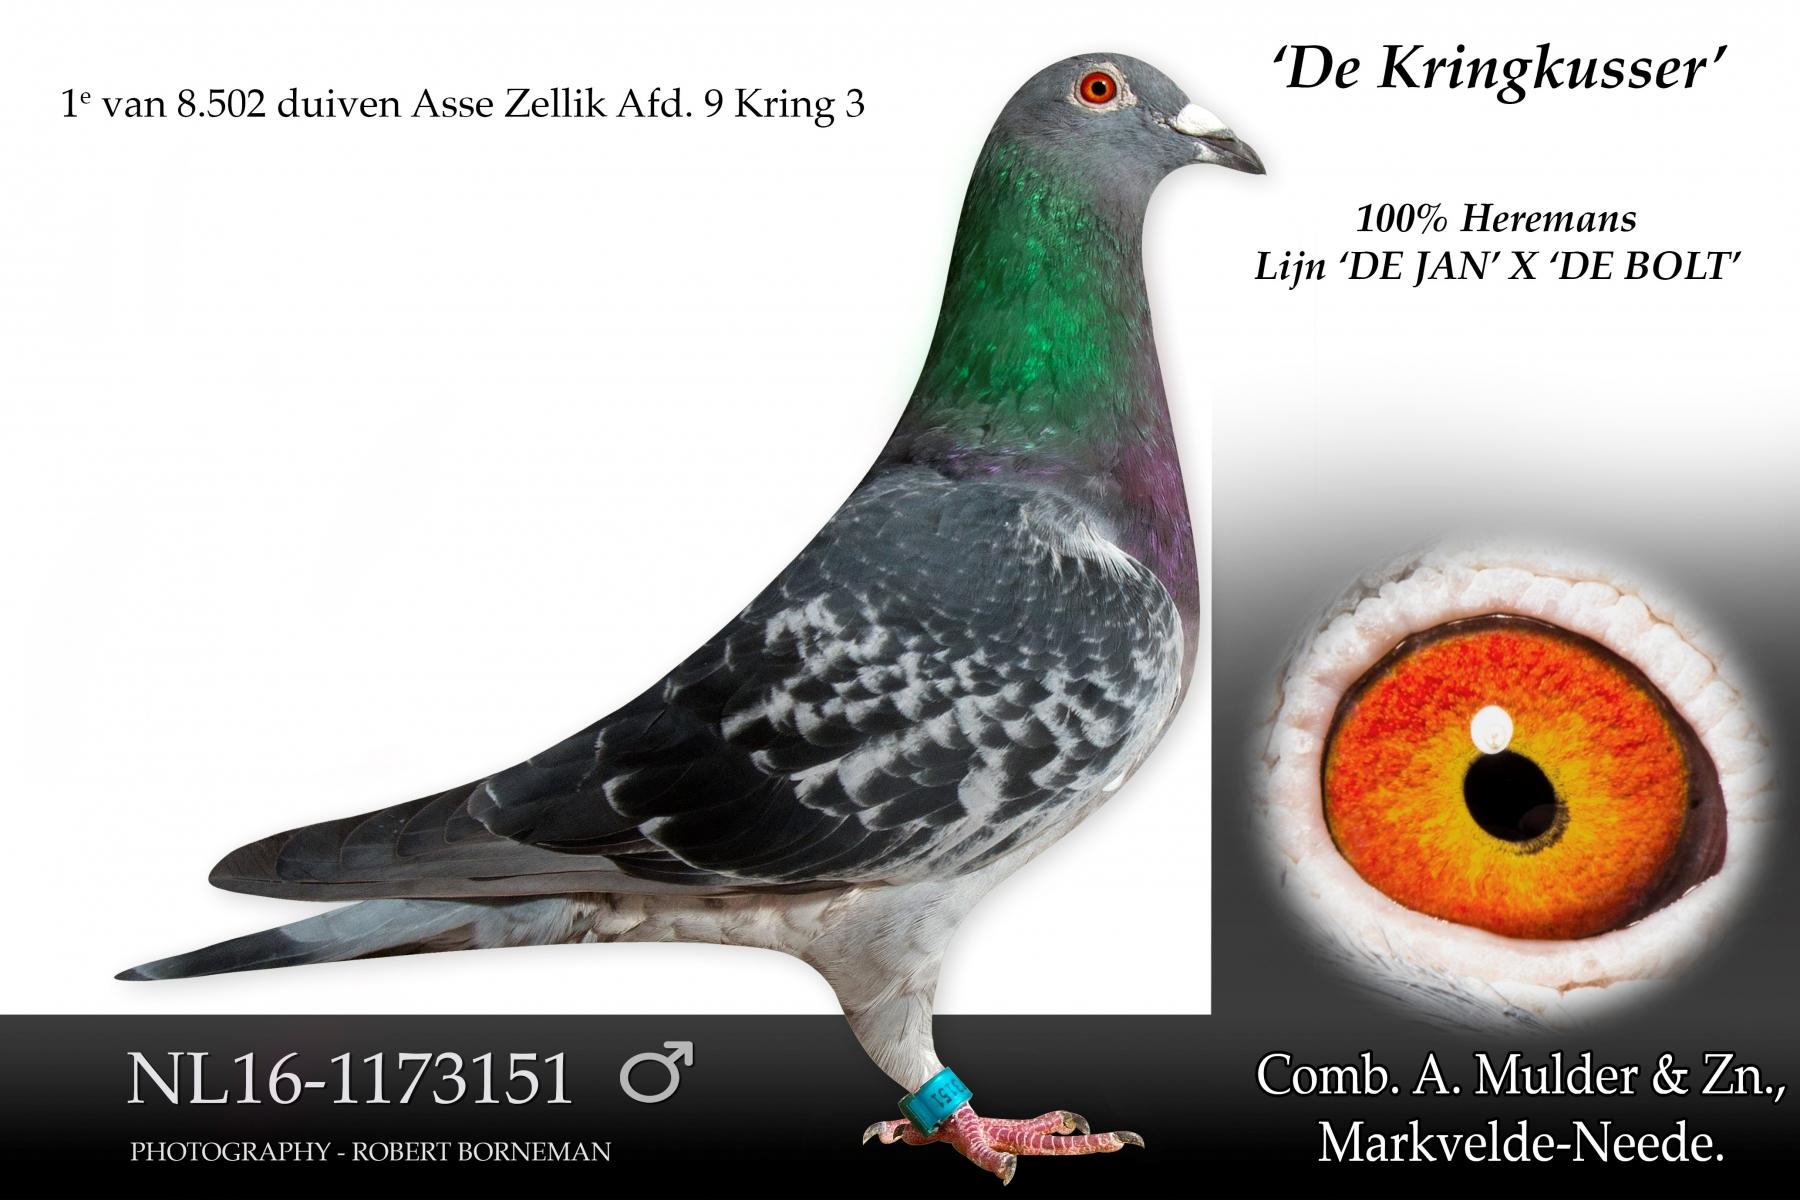 NL16-1173151 KringKusser